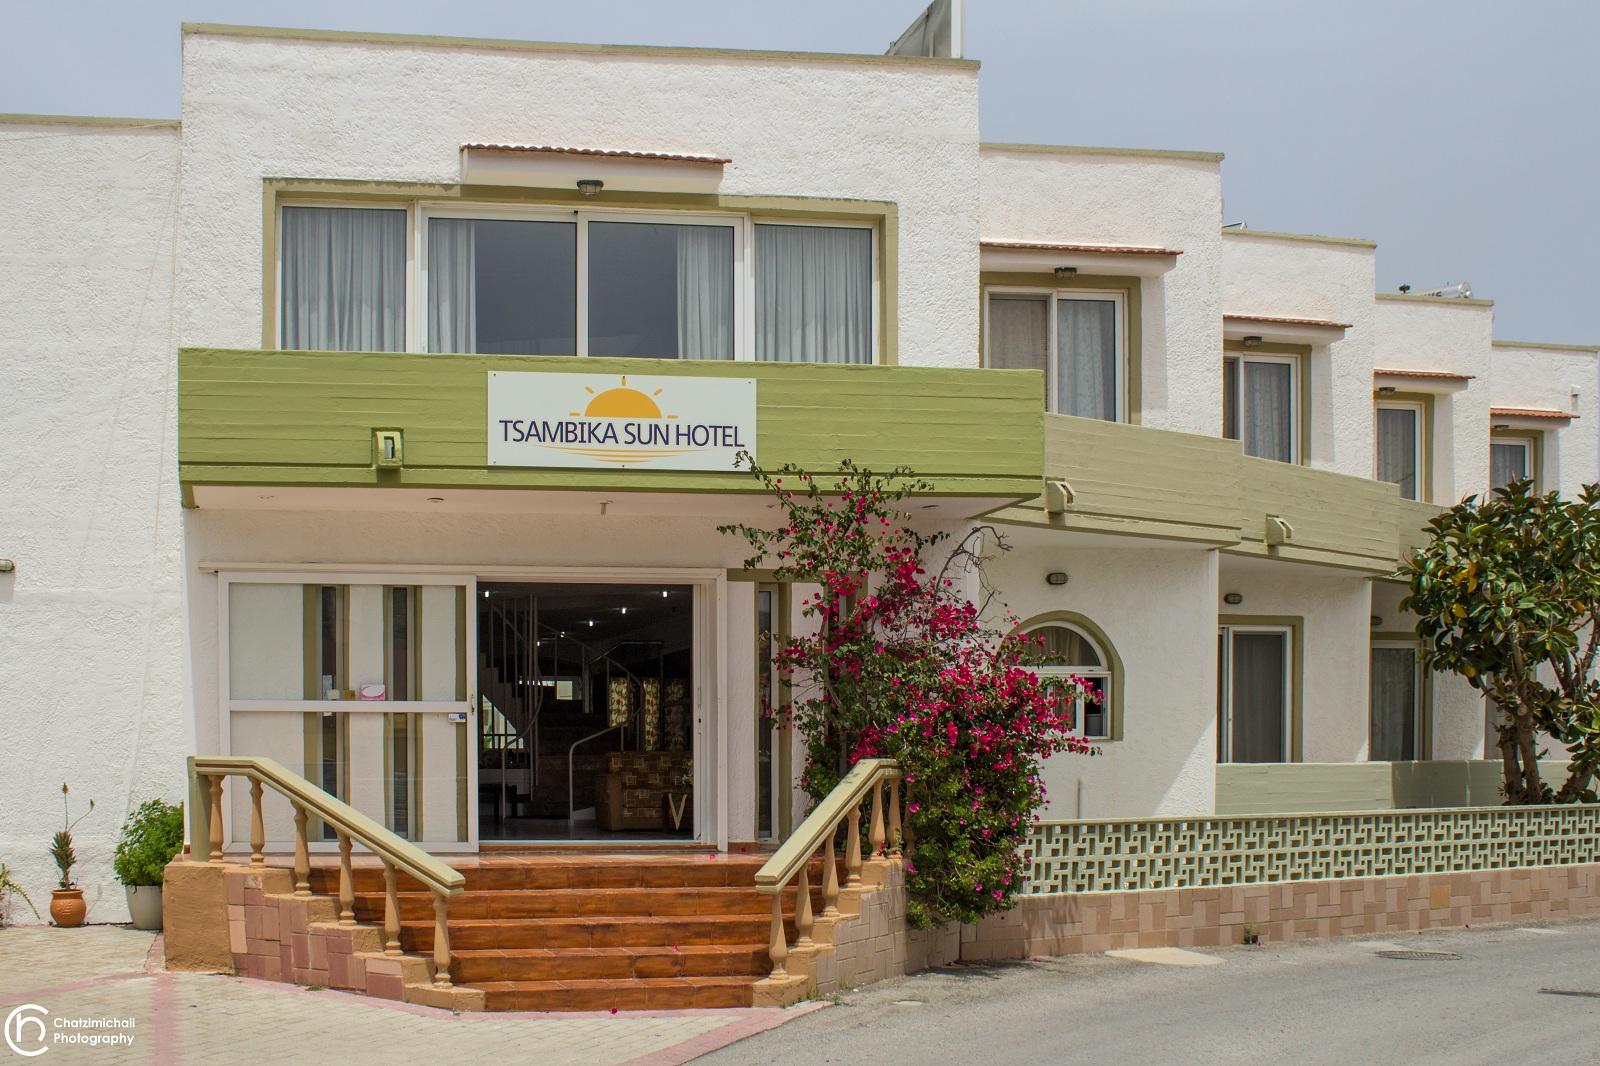 Tsampika Sun Hotel